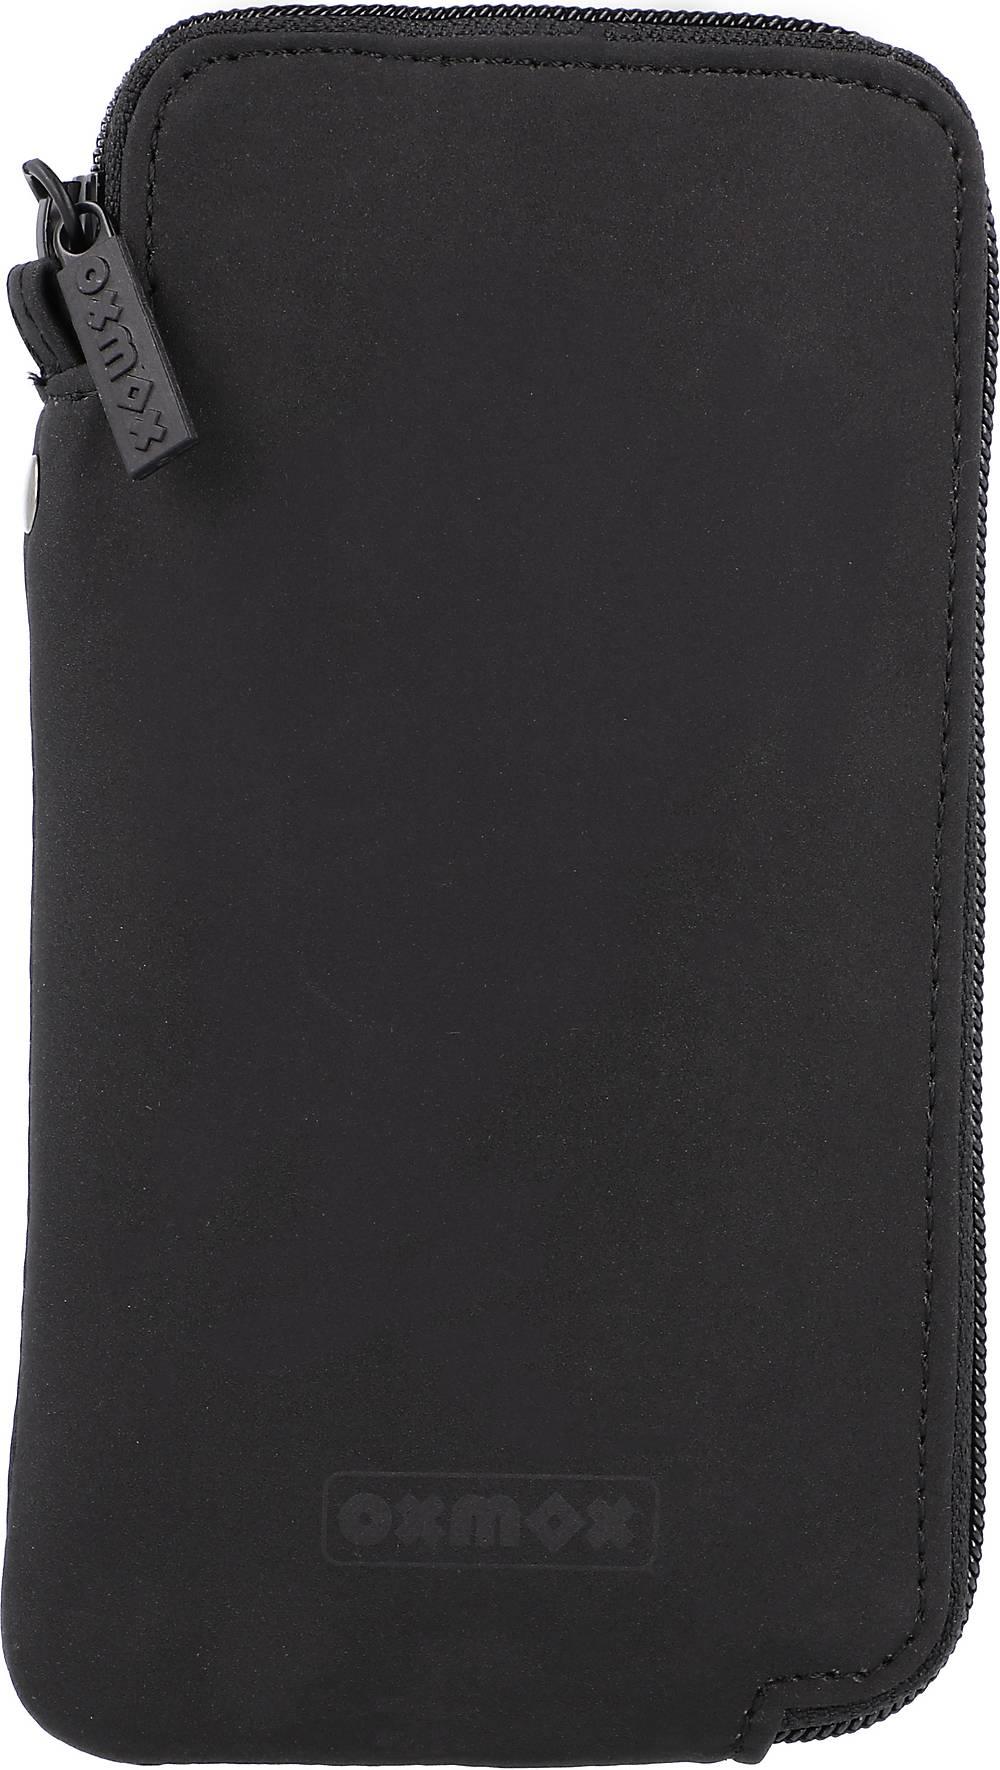 Oxmox, New Cryptan Handytasche 18 Cm in schwarz, Handyhüllen & Zubehör für Damen